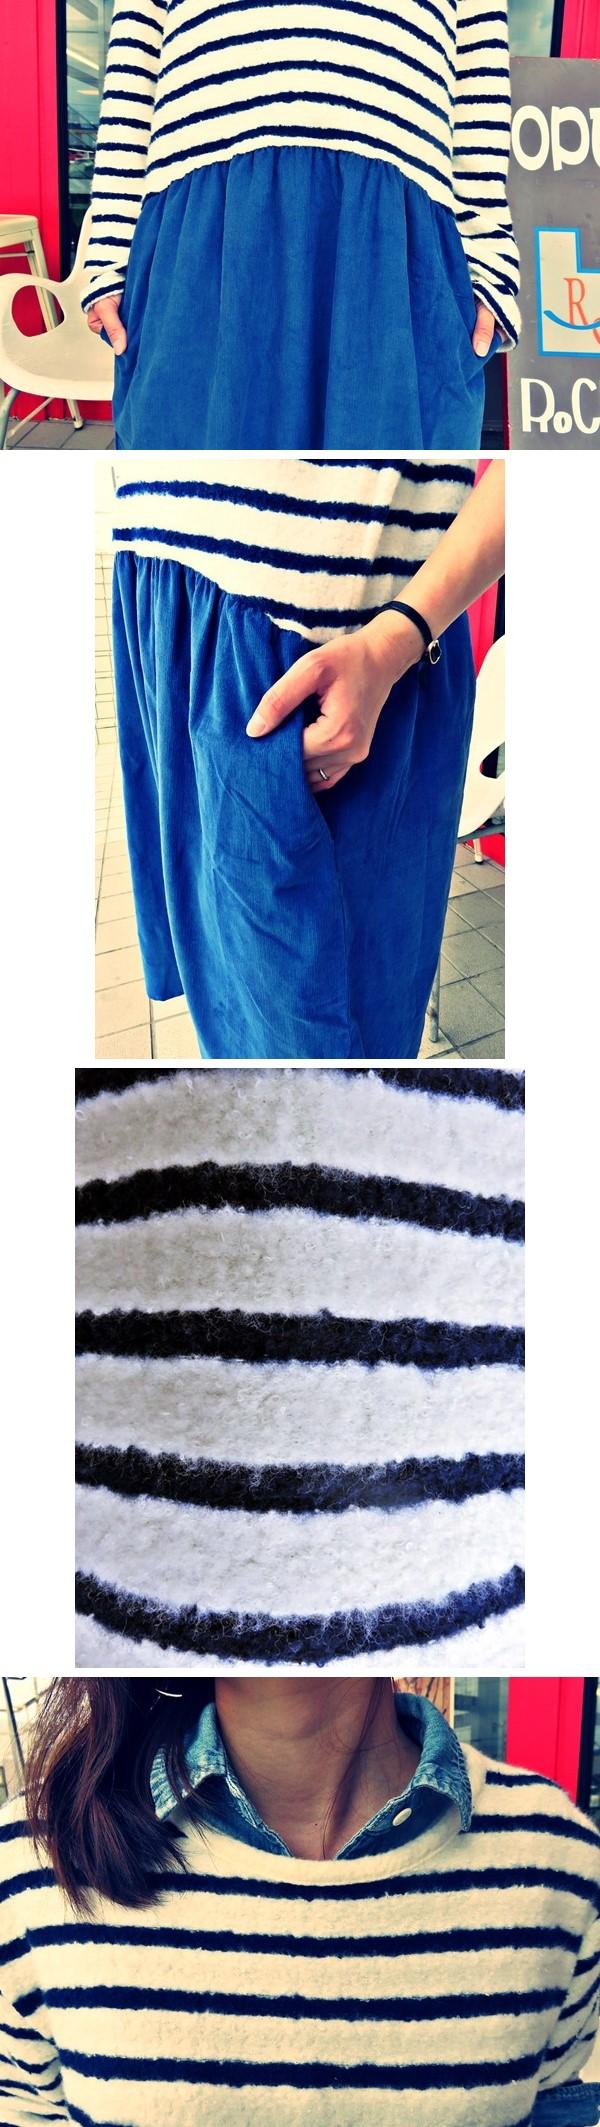 2015-09-28 ドッキングギャザーワンピース 004 ブログ用-vert